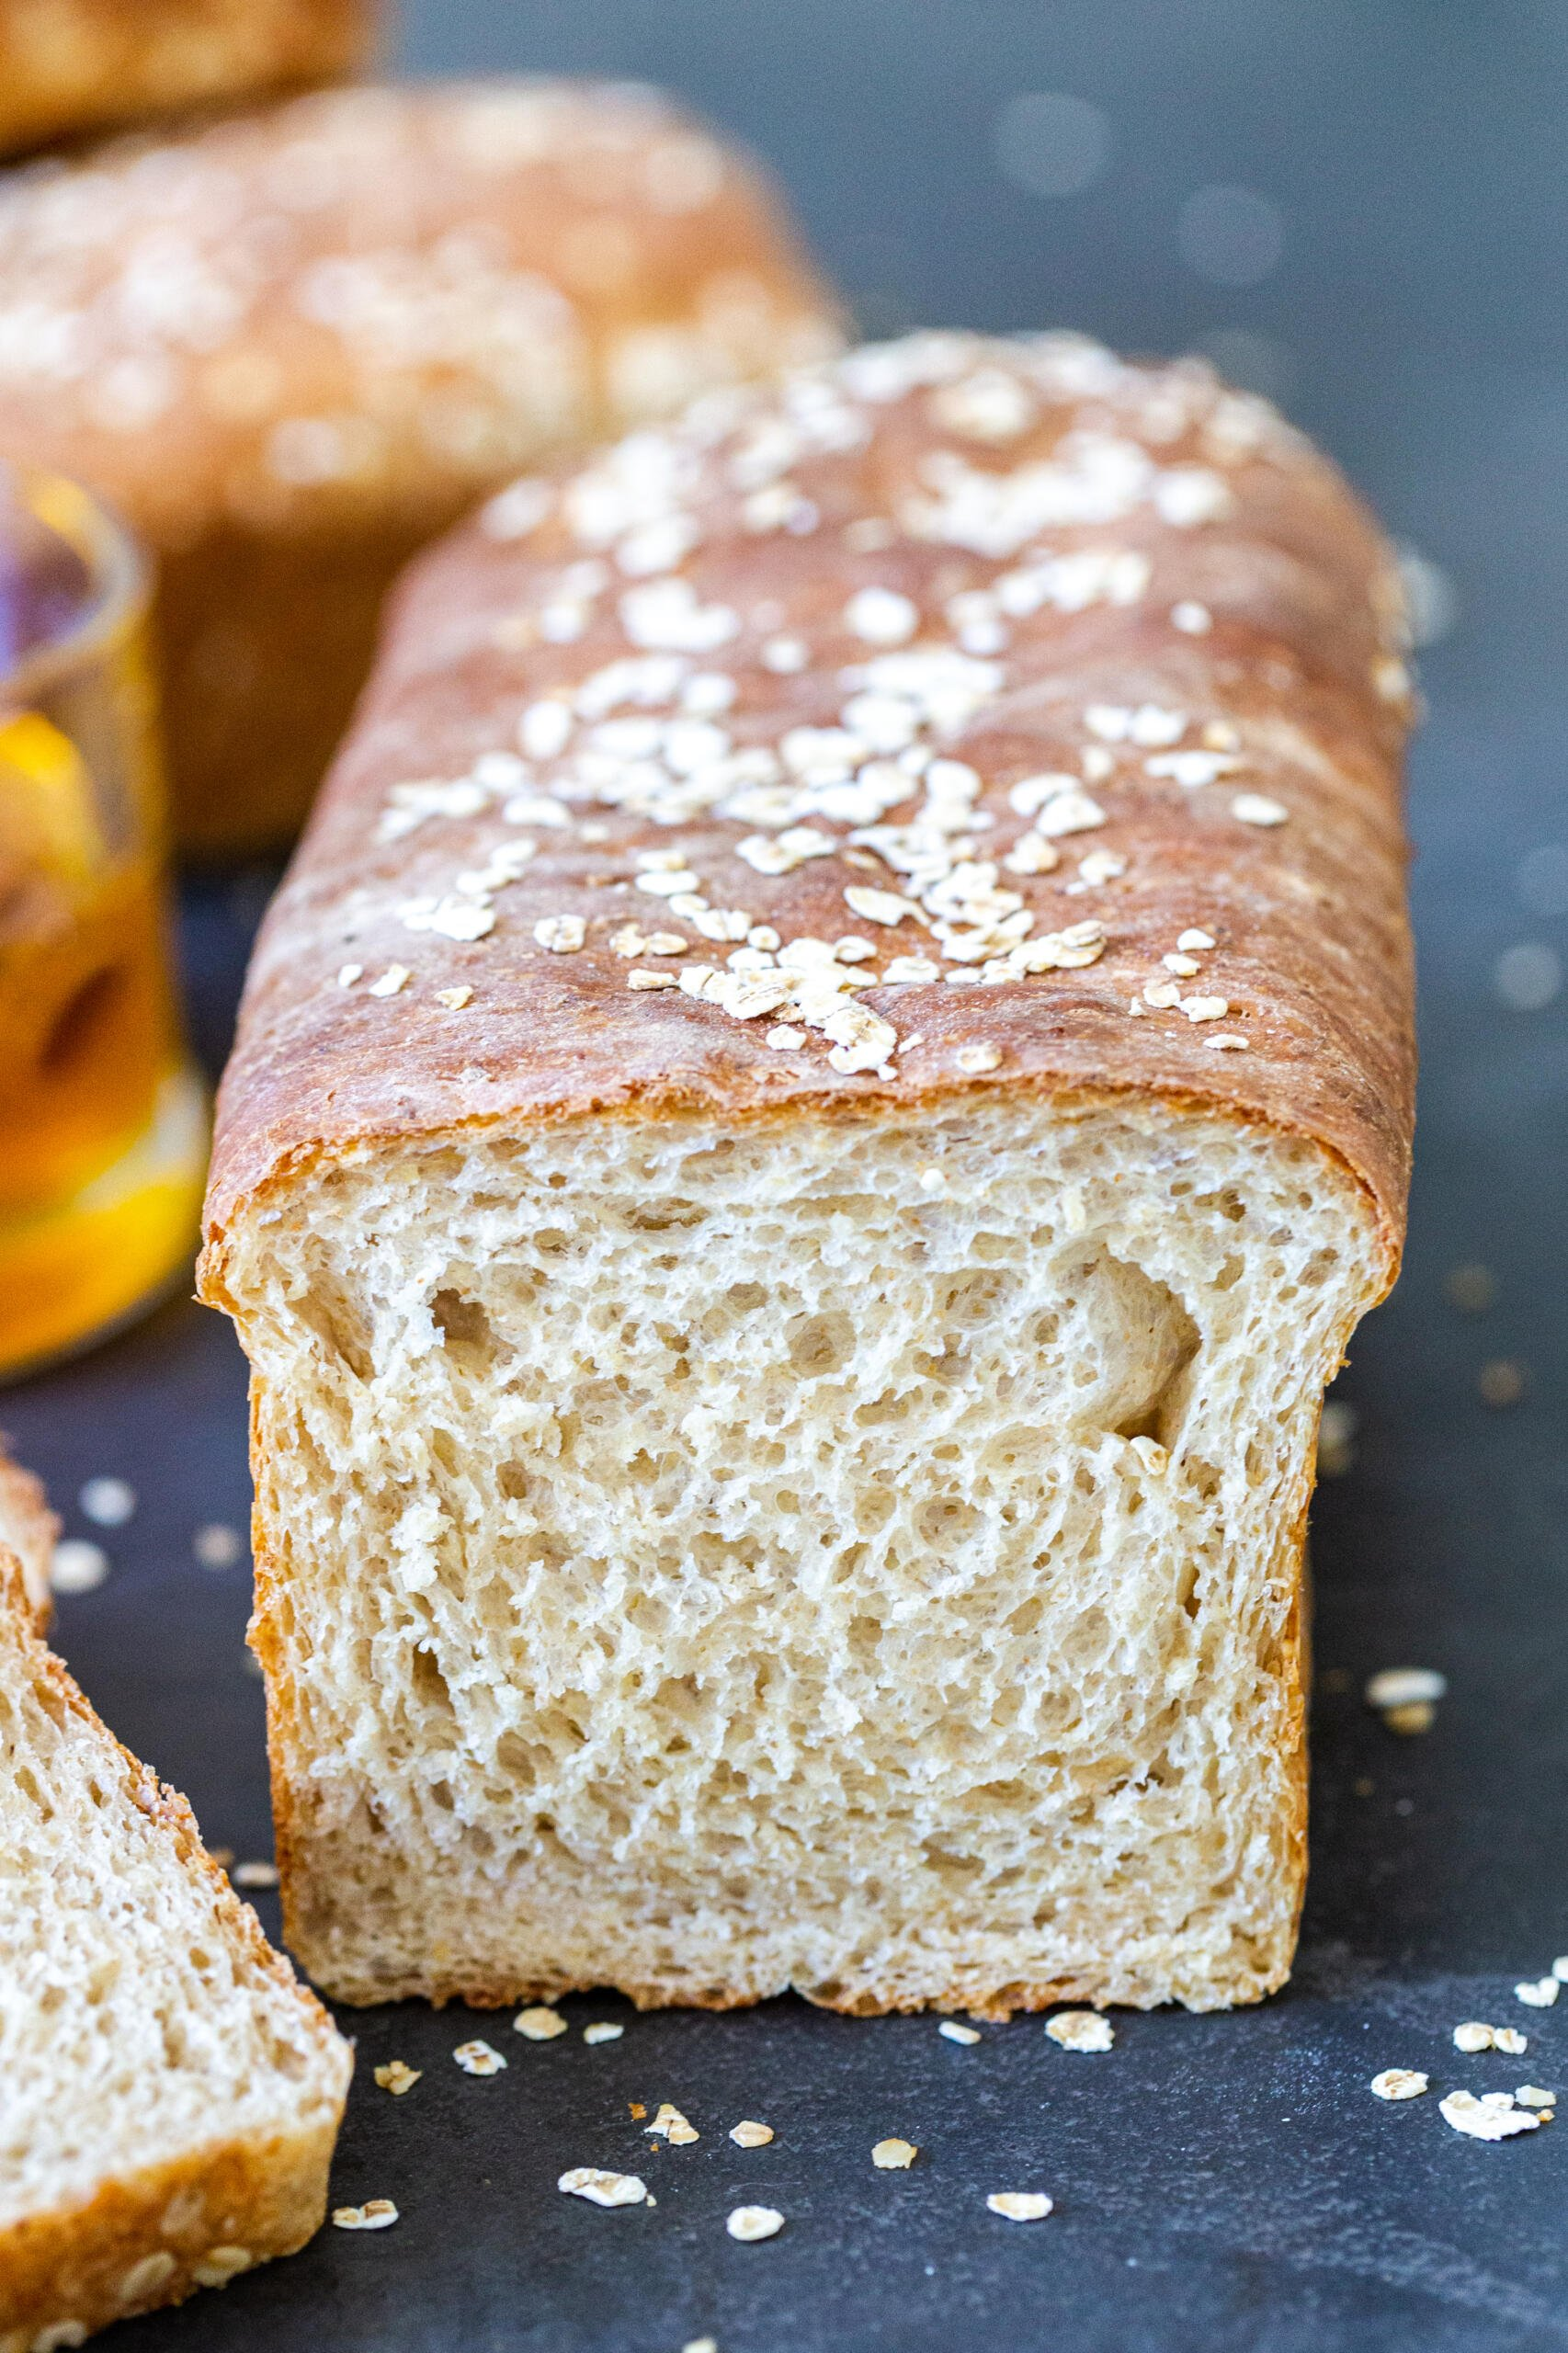 Honey wheat bread cut open